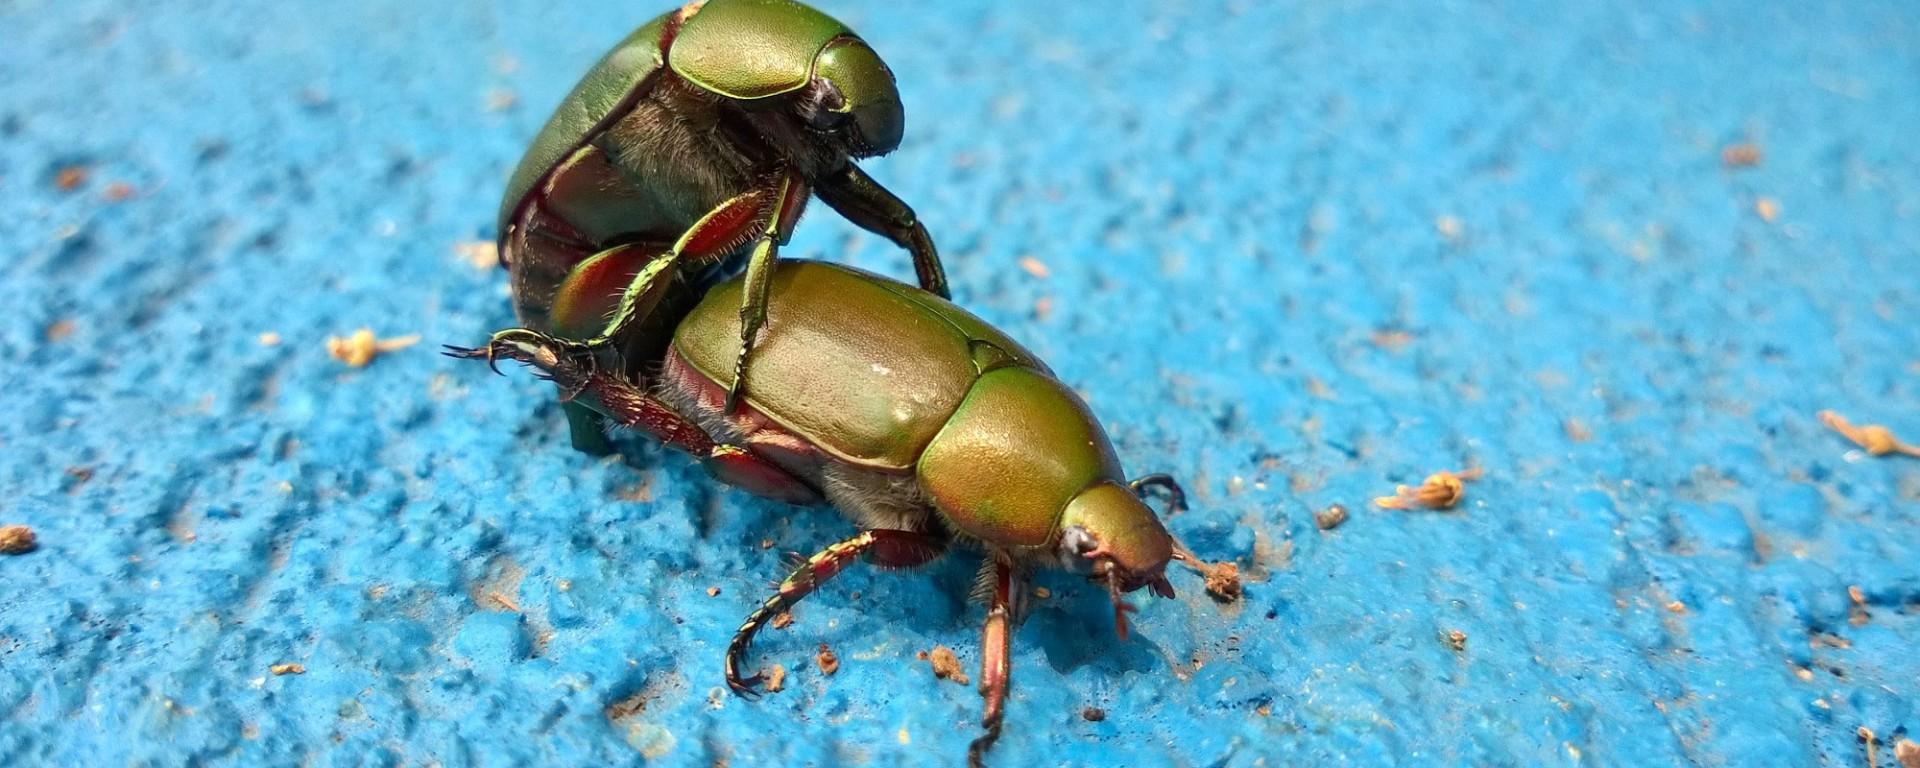 Beetles having sex